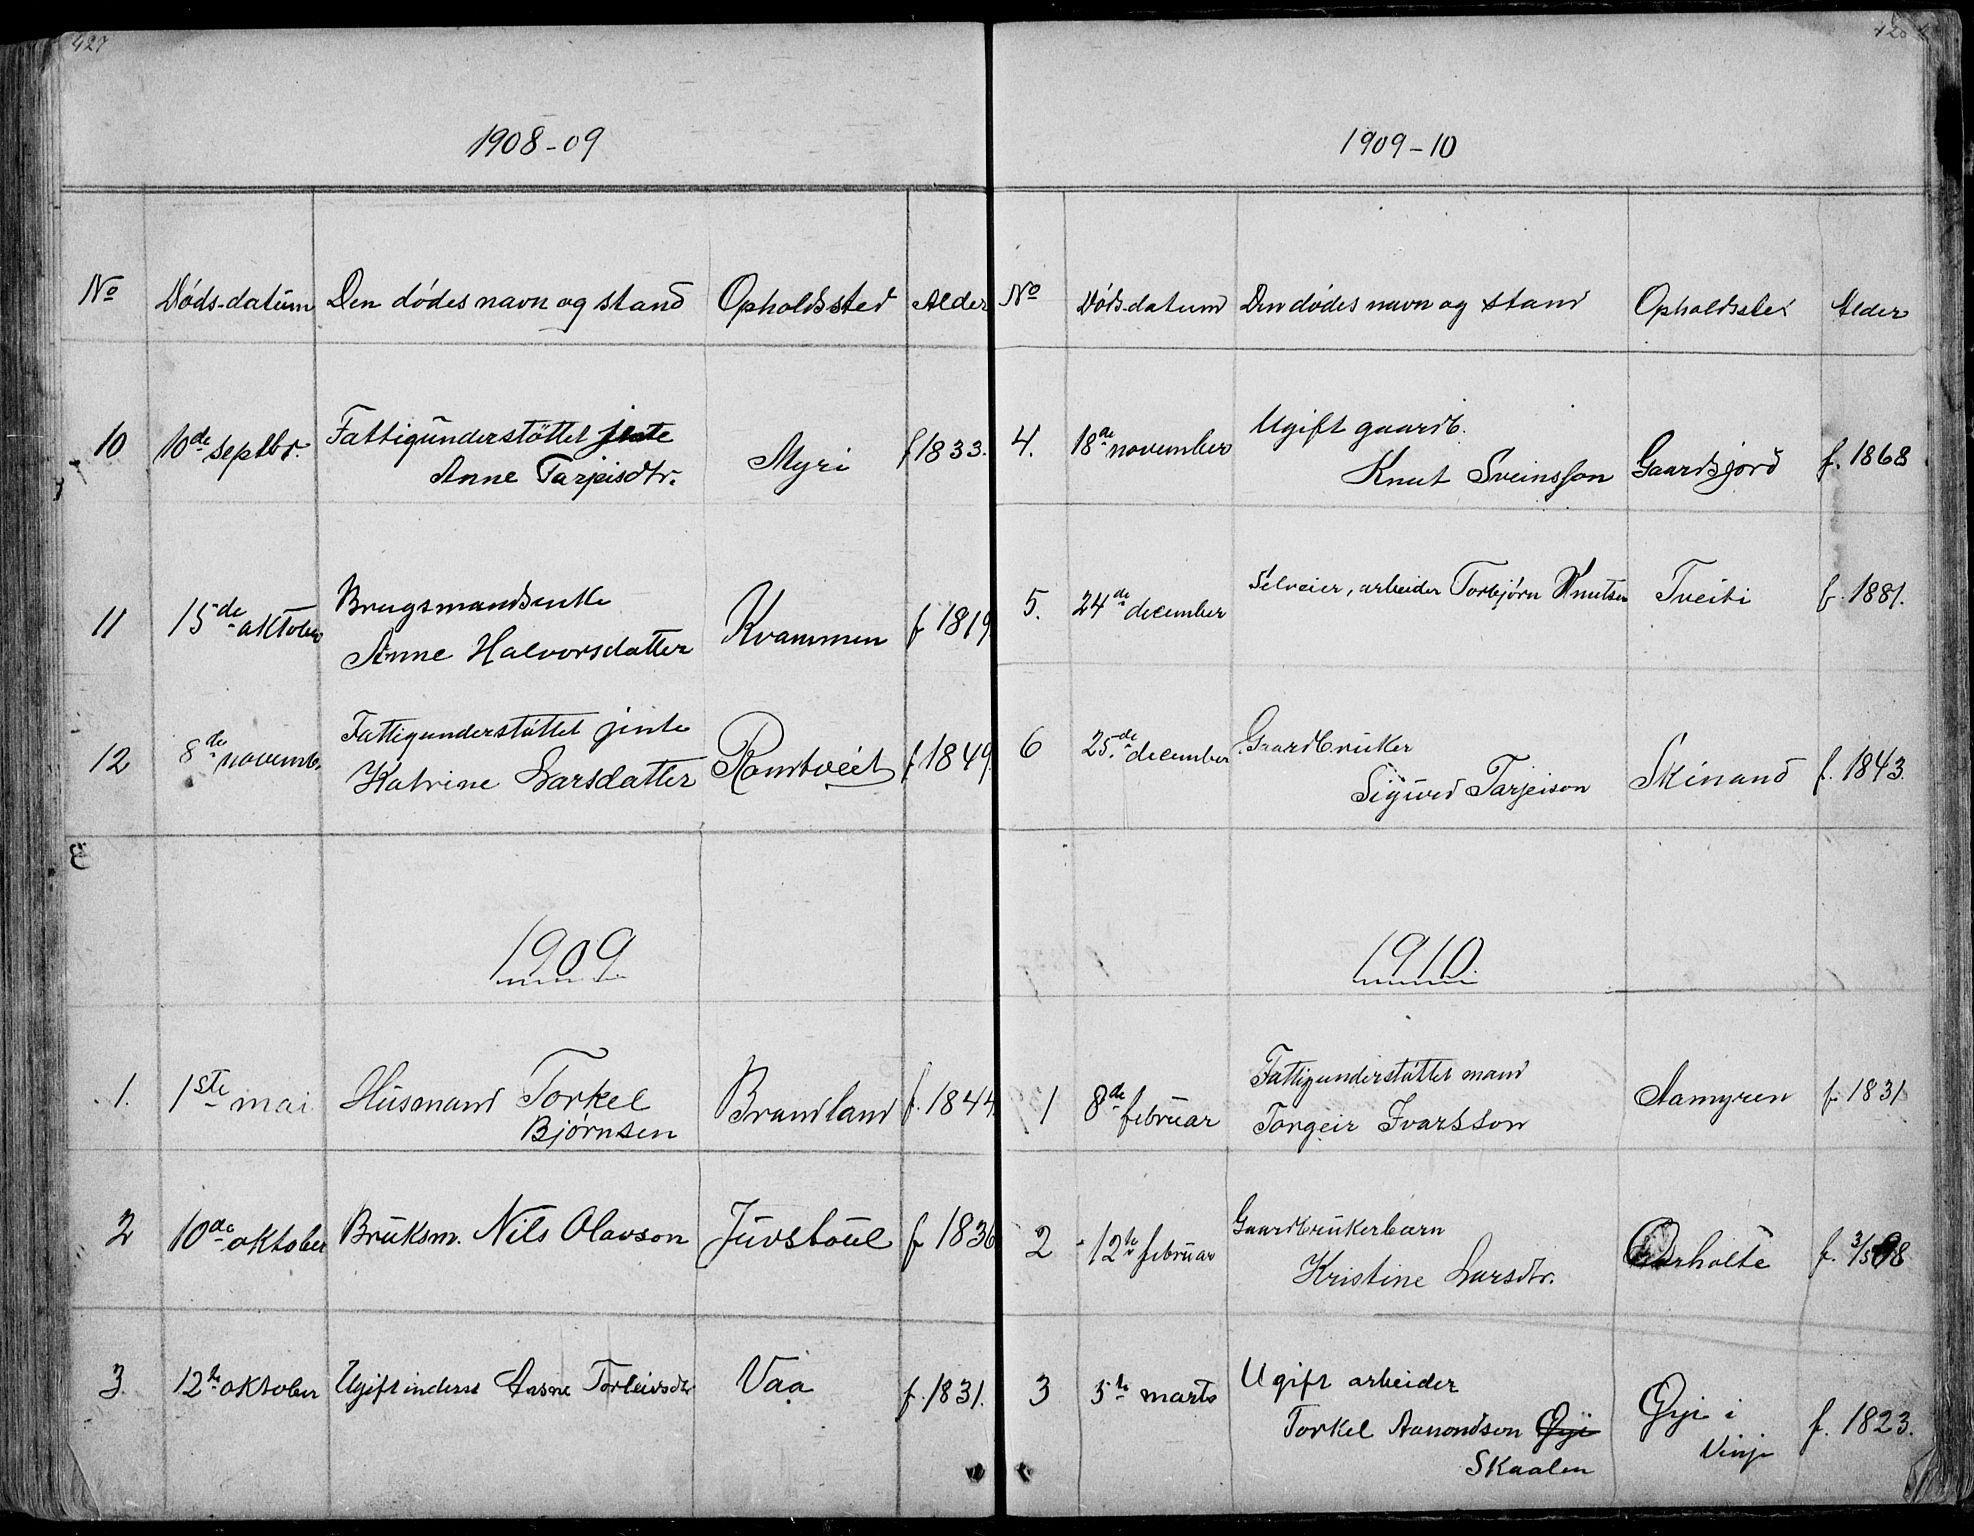 SAKO, Rauland kirkebøker, G/Ga/L0002: Klokkerbok nr. I 2, 1849-1935, s. 427-428